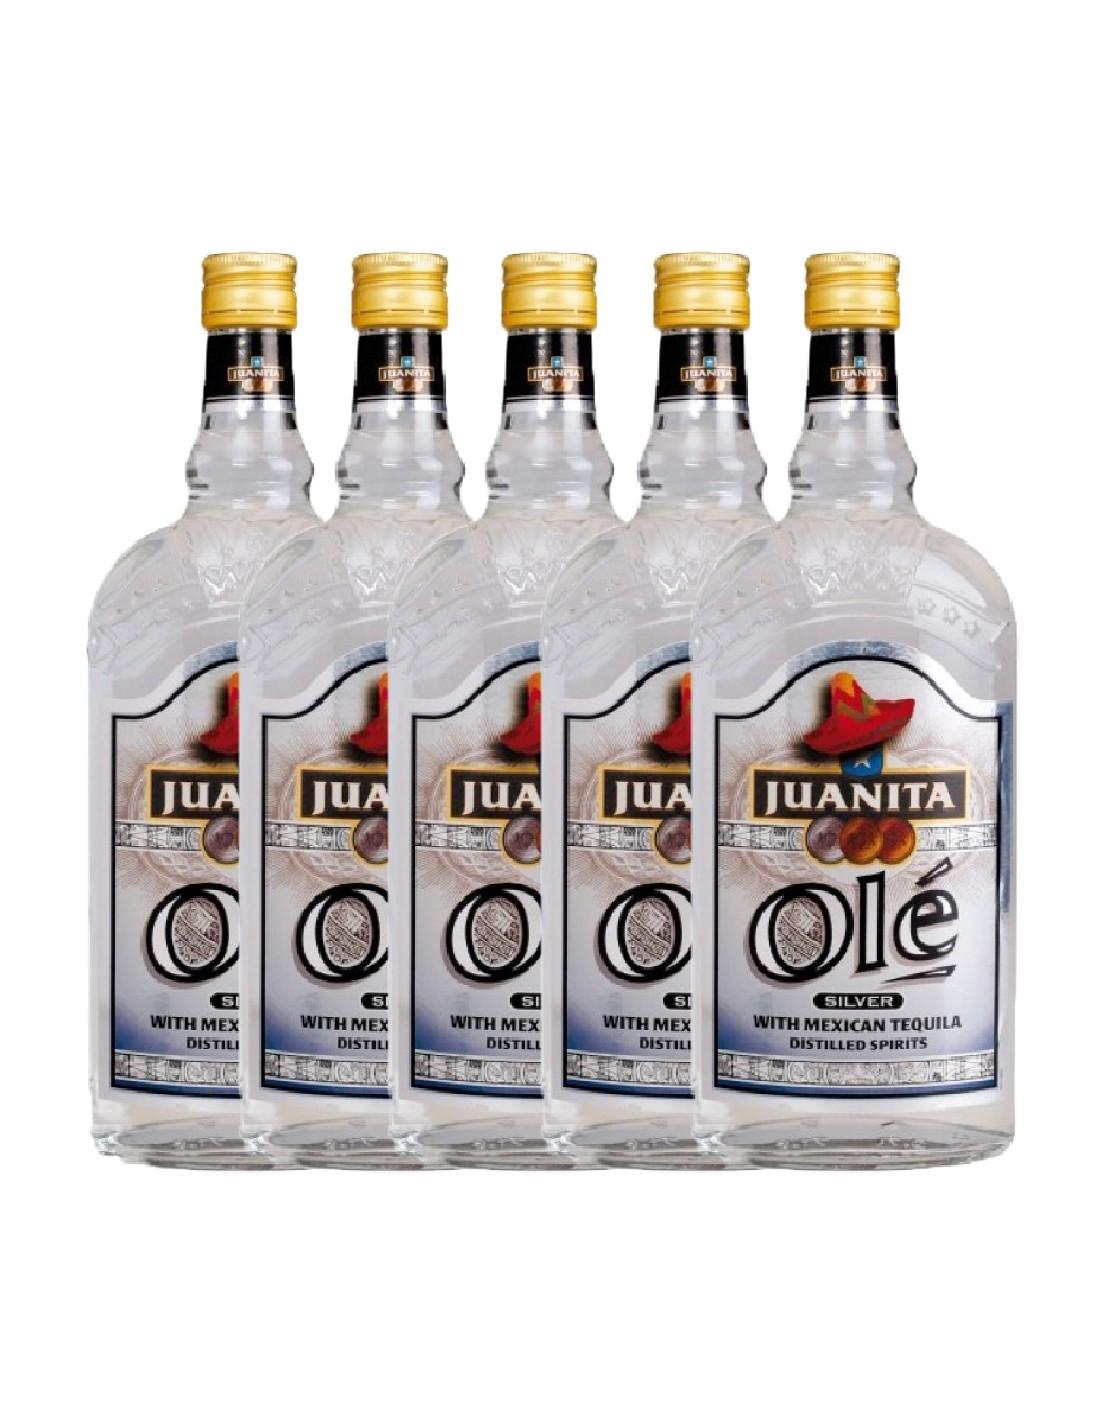 Pachet 5 sticle Tequila alba Juanita Ole Silver 0.7L, 38% alc., Germania